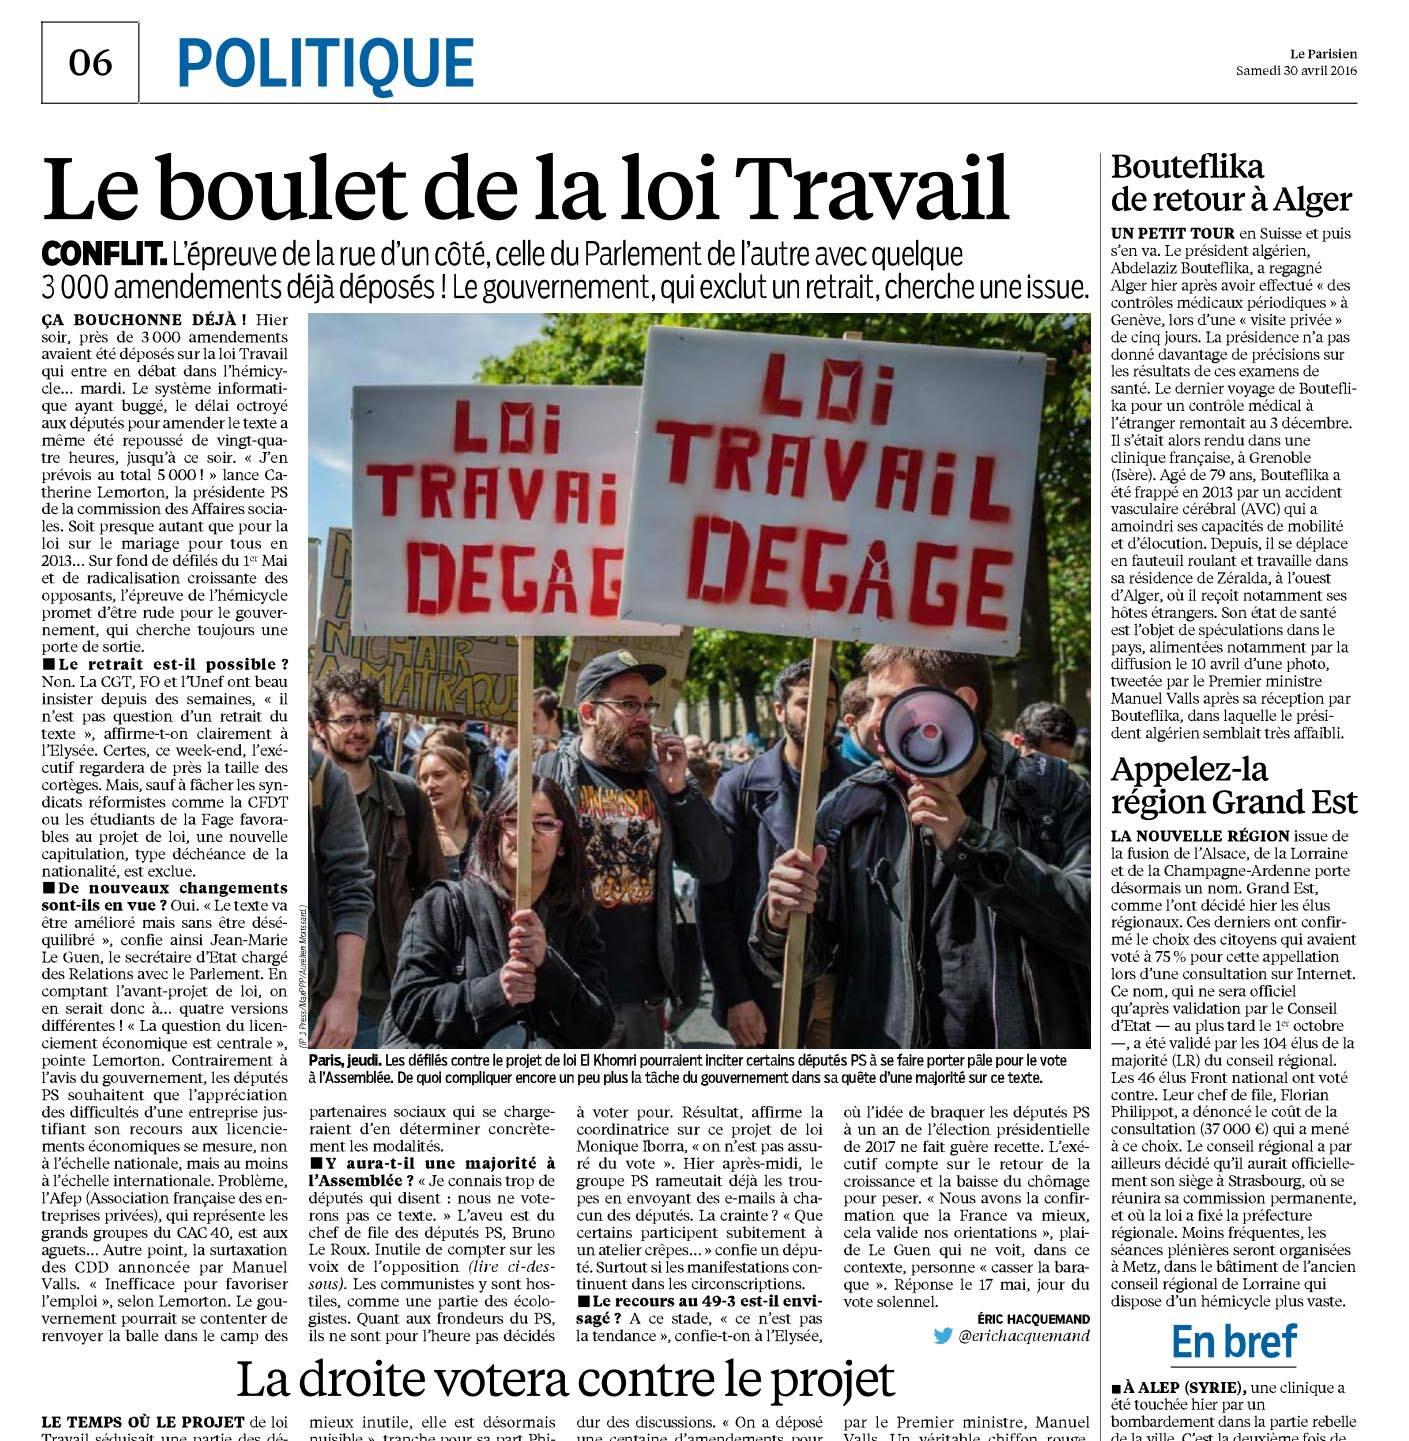 Le Parisien - 30 avril 2016 © Aurélien Morissard.jpg